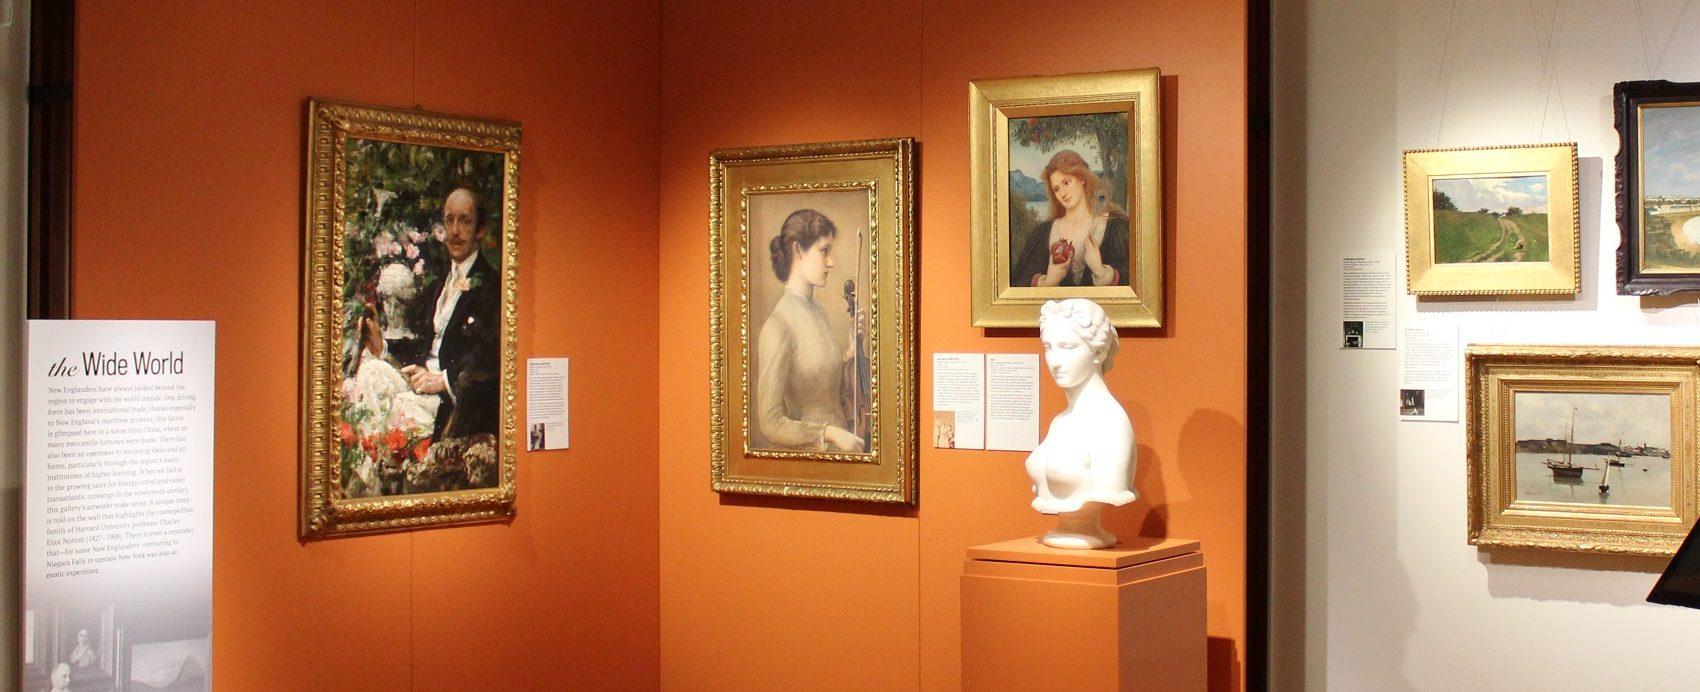 Paintings on display in the Eustis Estate galleries